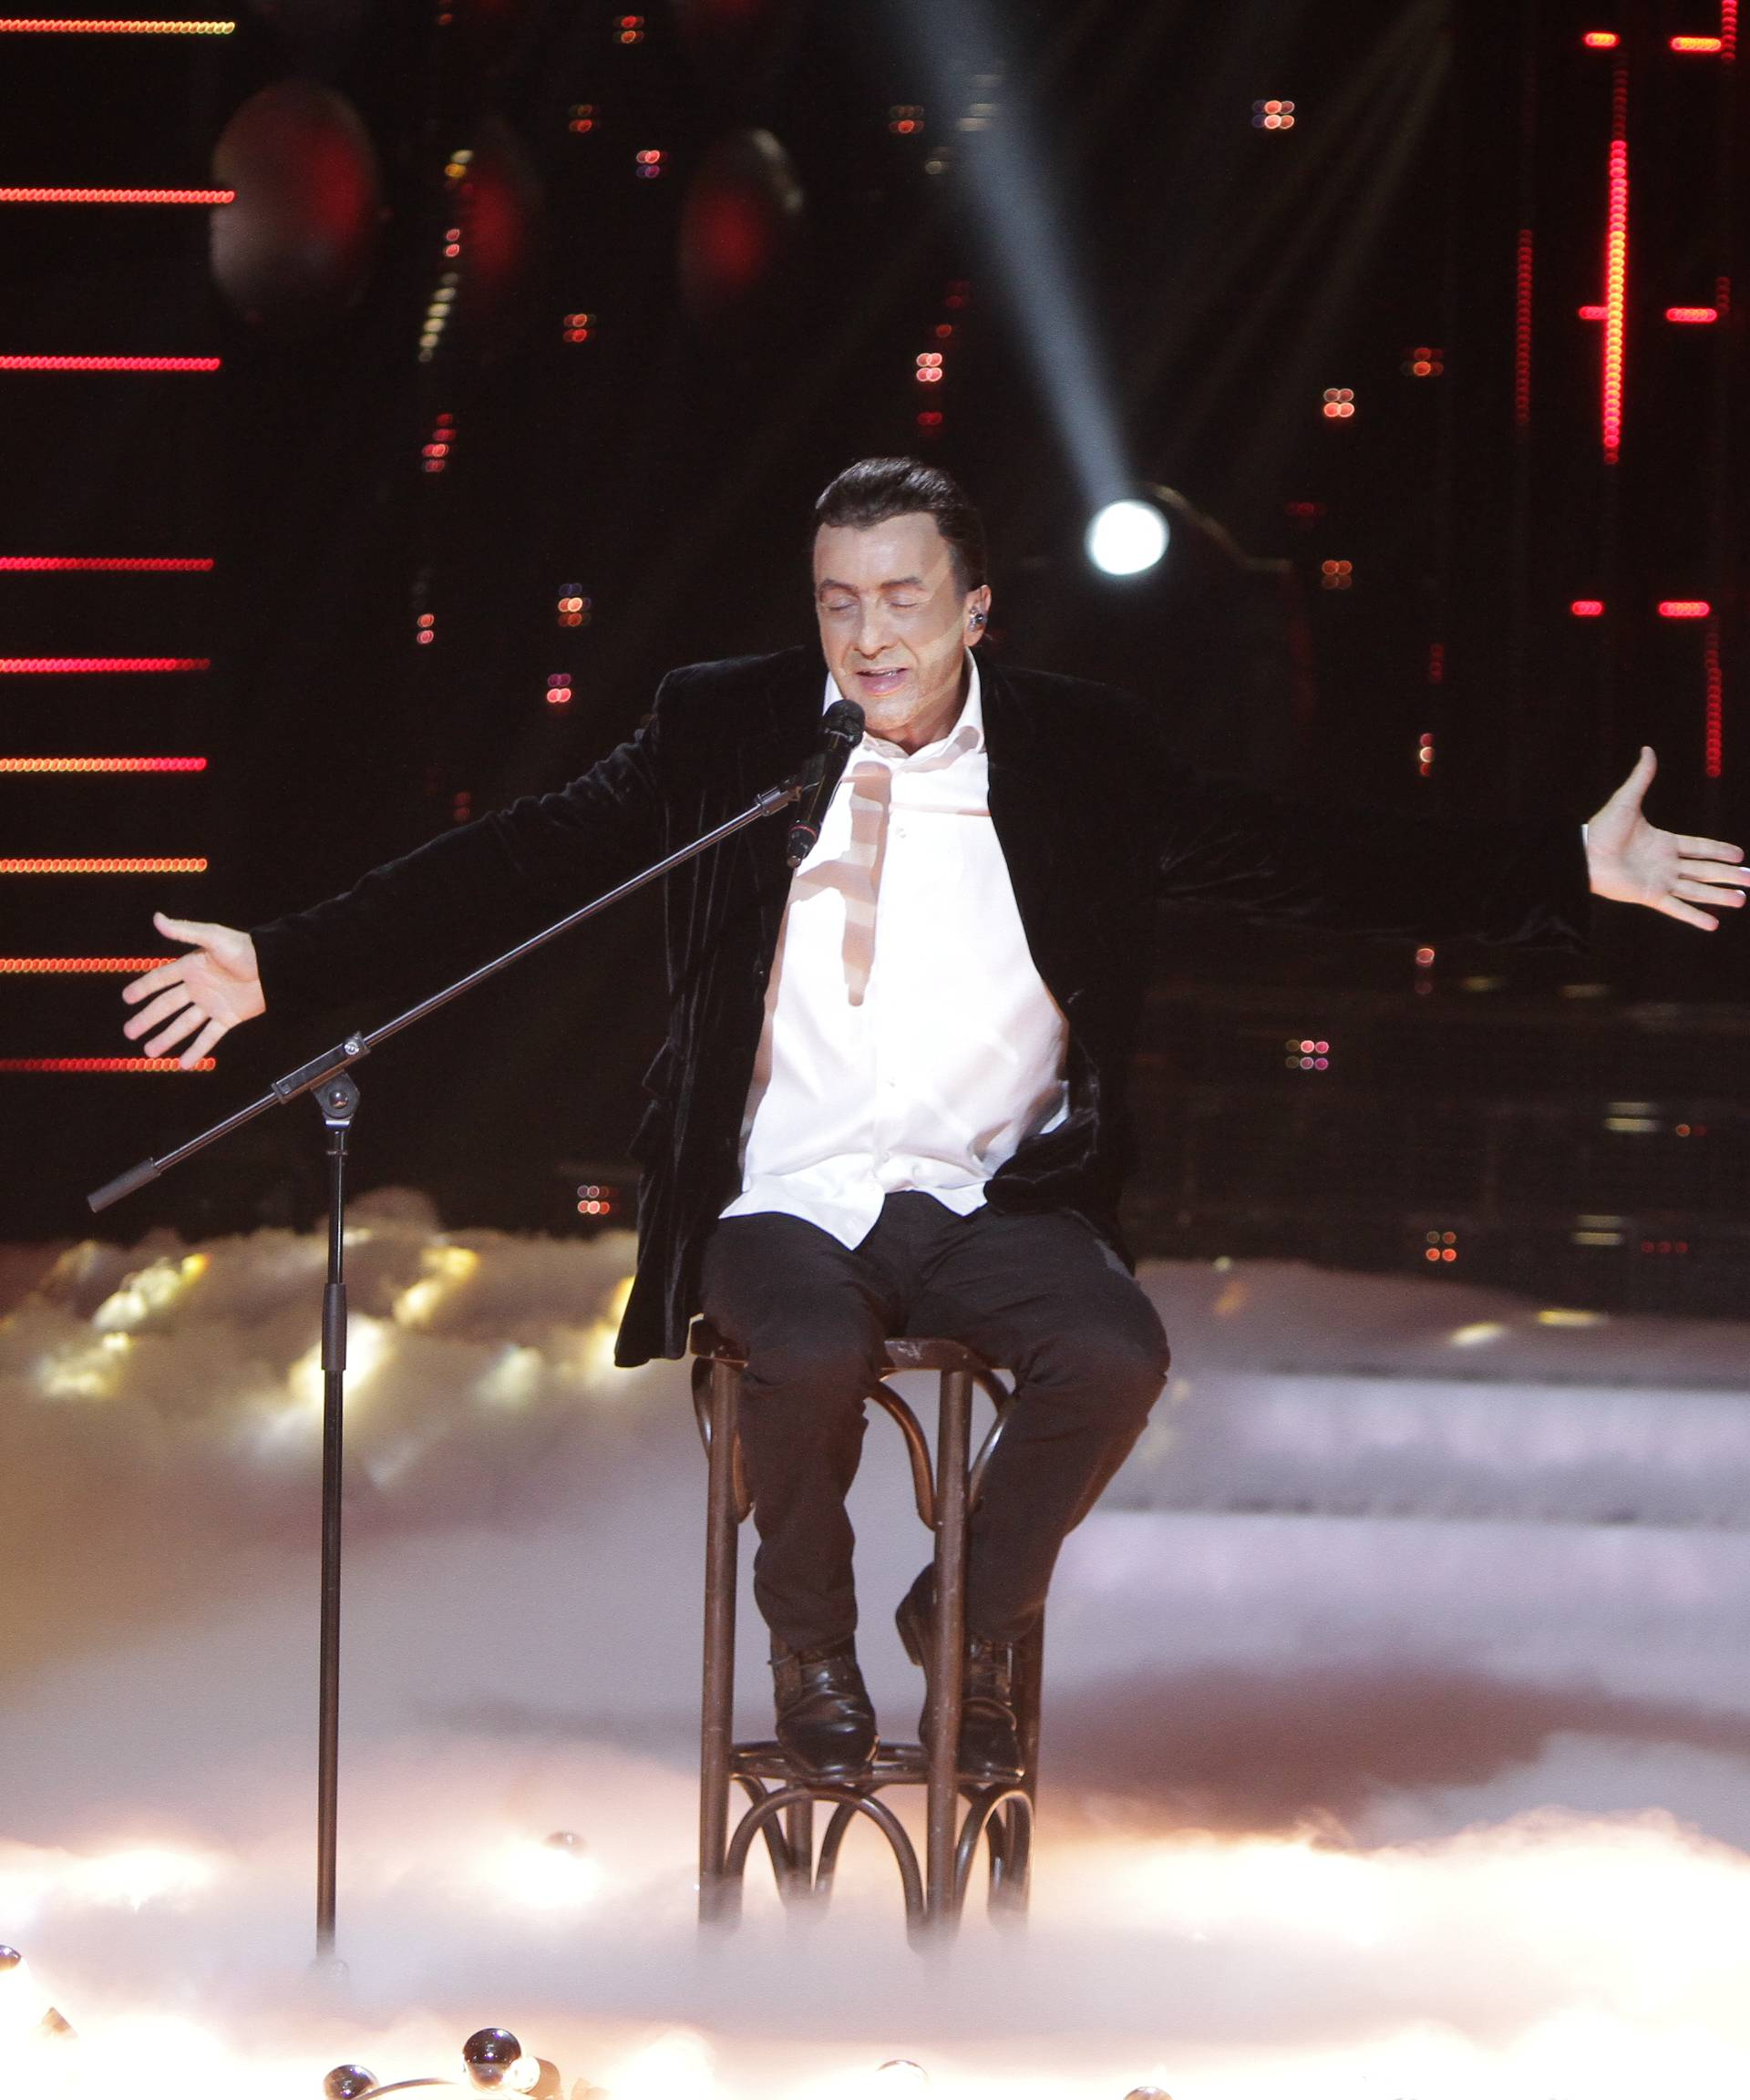 Zaslužio je: Ovo je pobjednički mini koncert Mattea Cetinskog